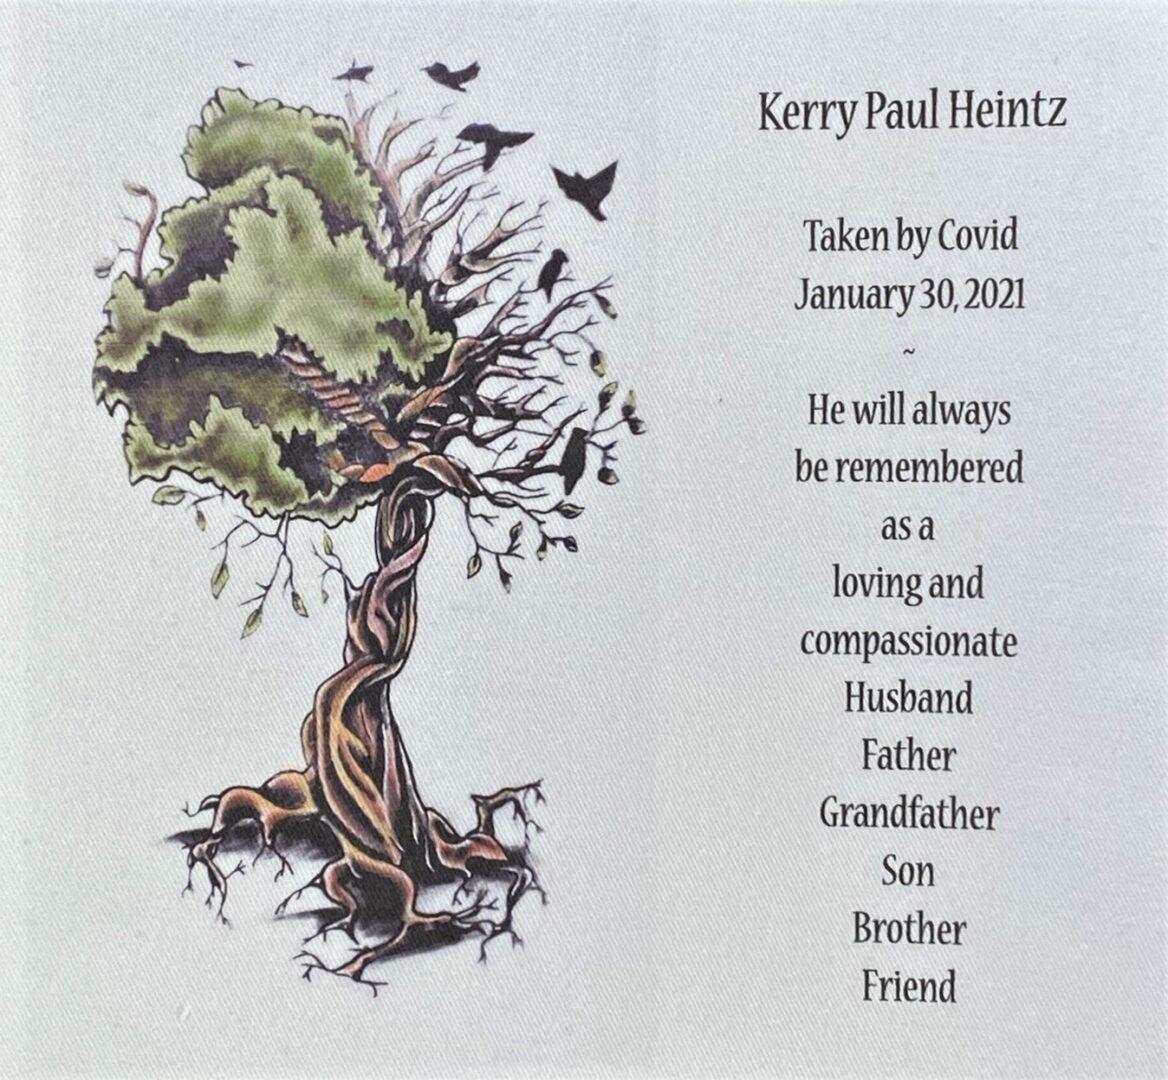 IN MEMORY OF KERRY PAUL HEINTZ